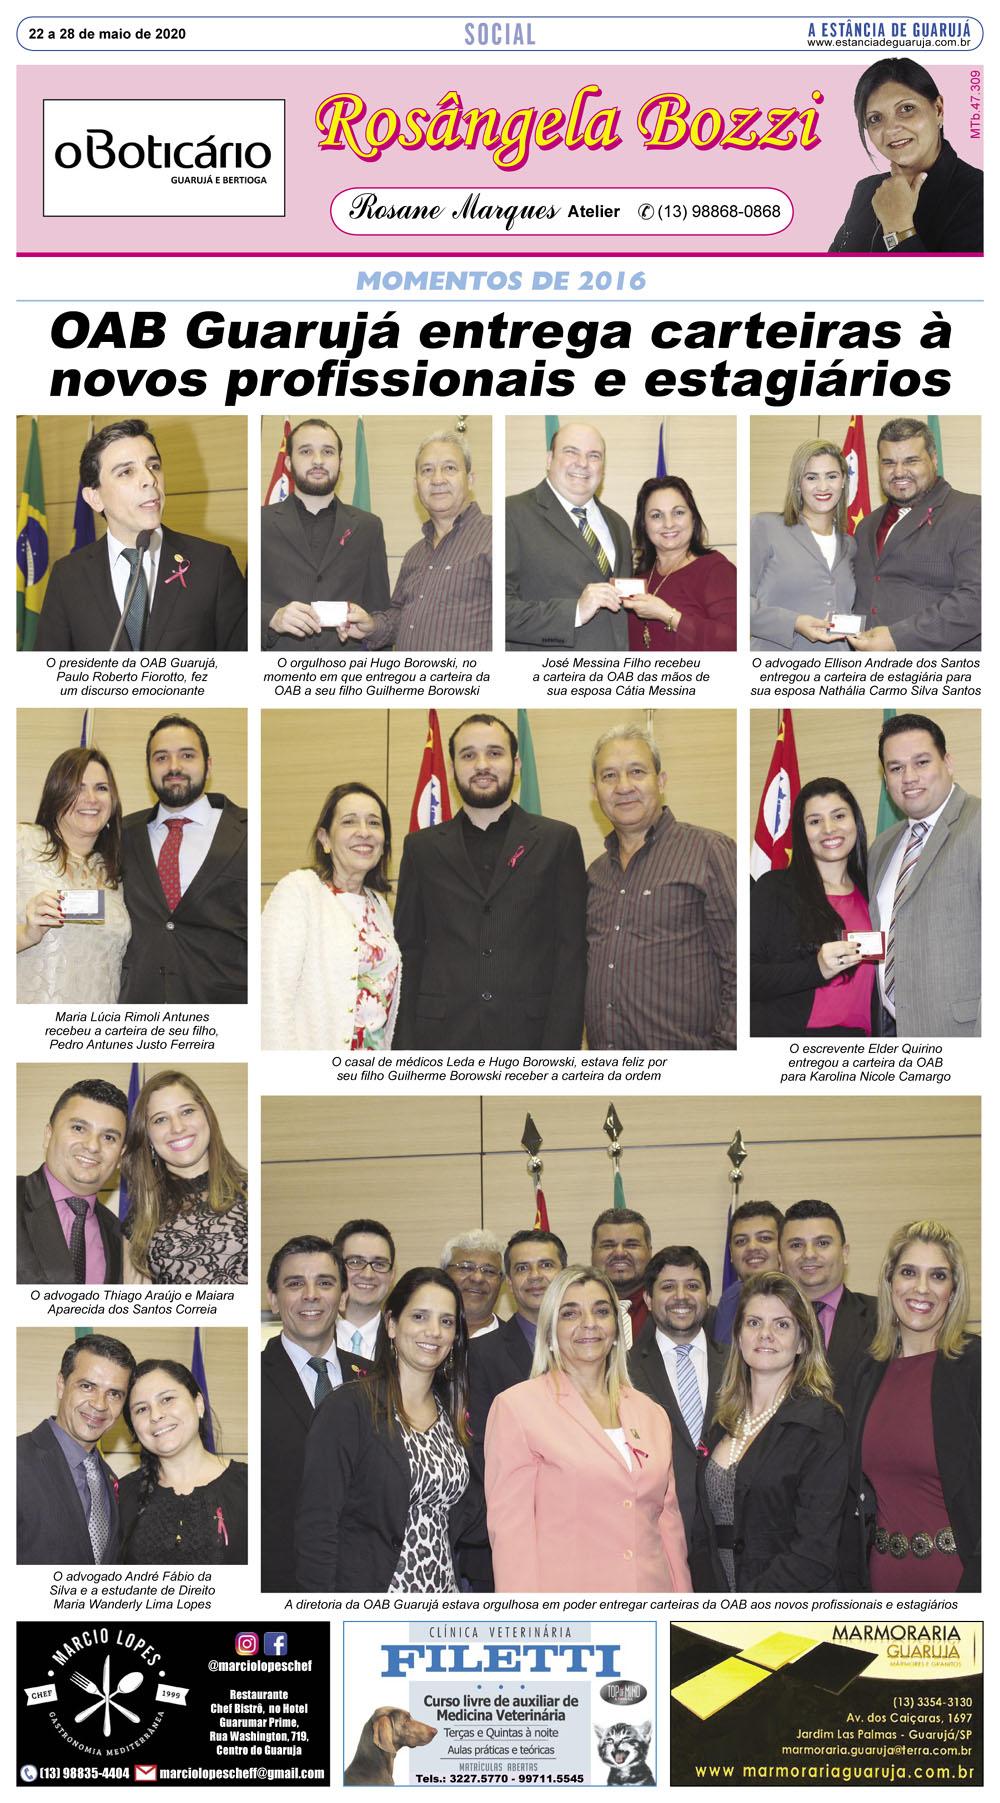 OAB Guarujá entrega carteiras à novos profissionais e estagiários